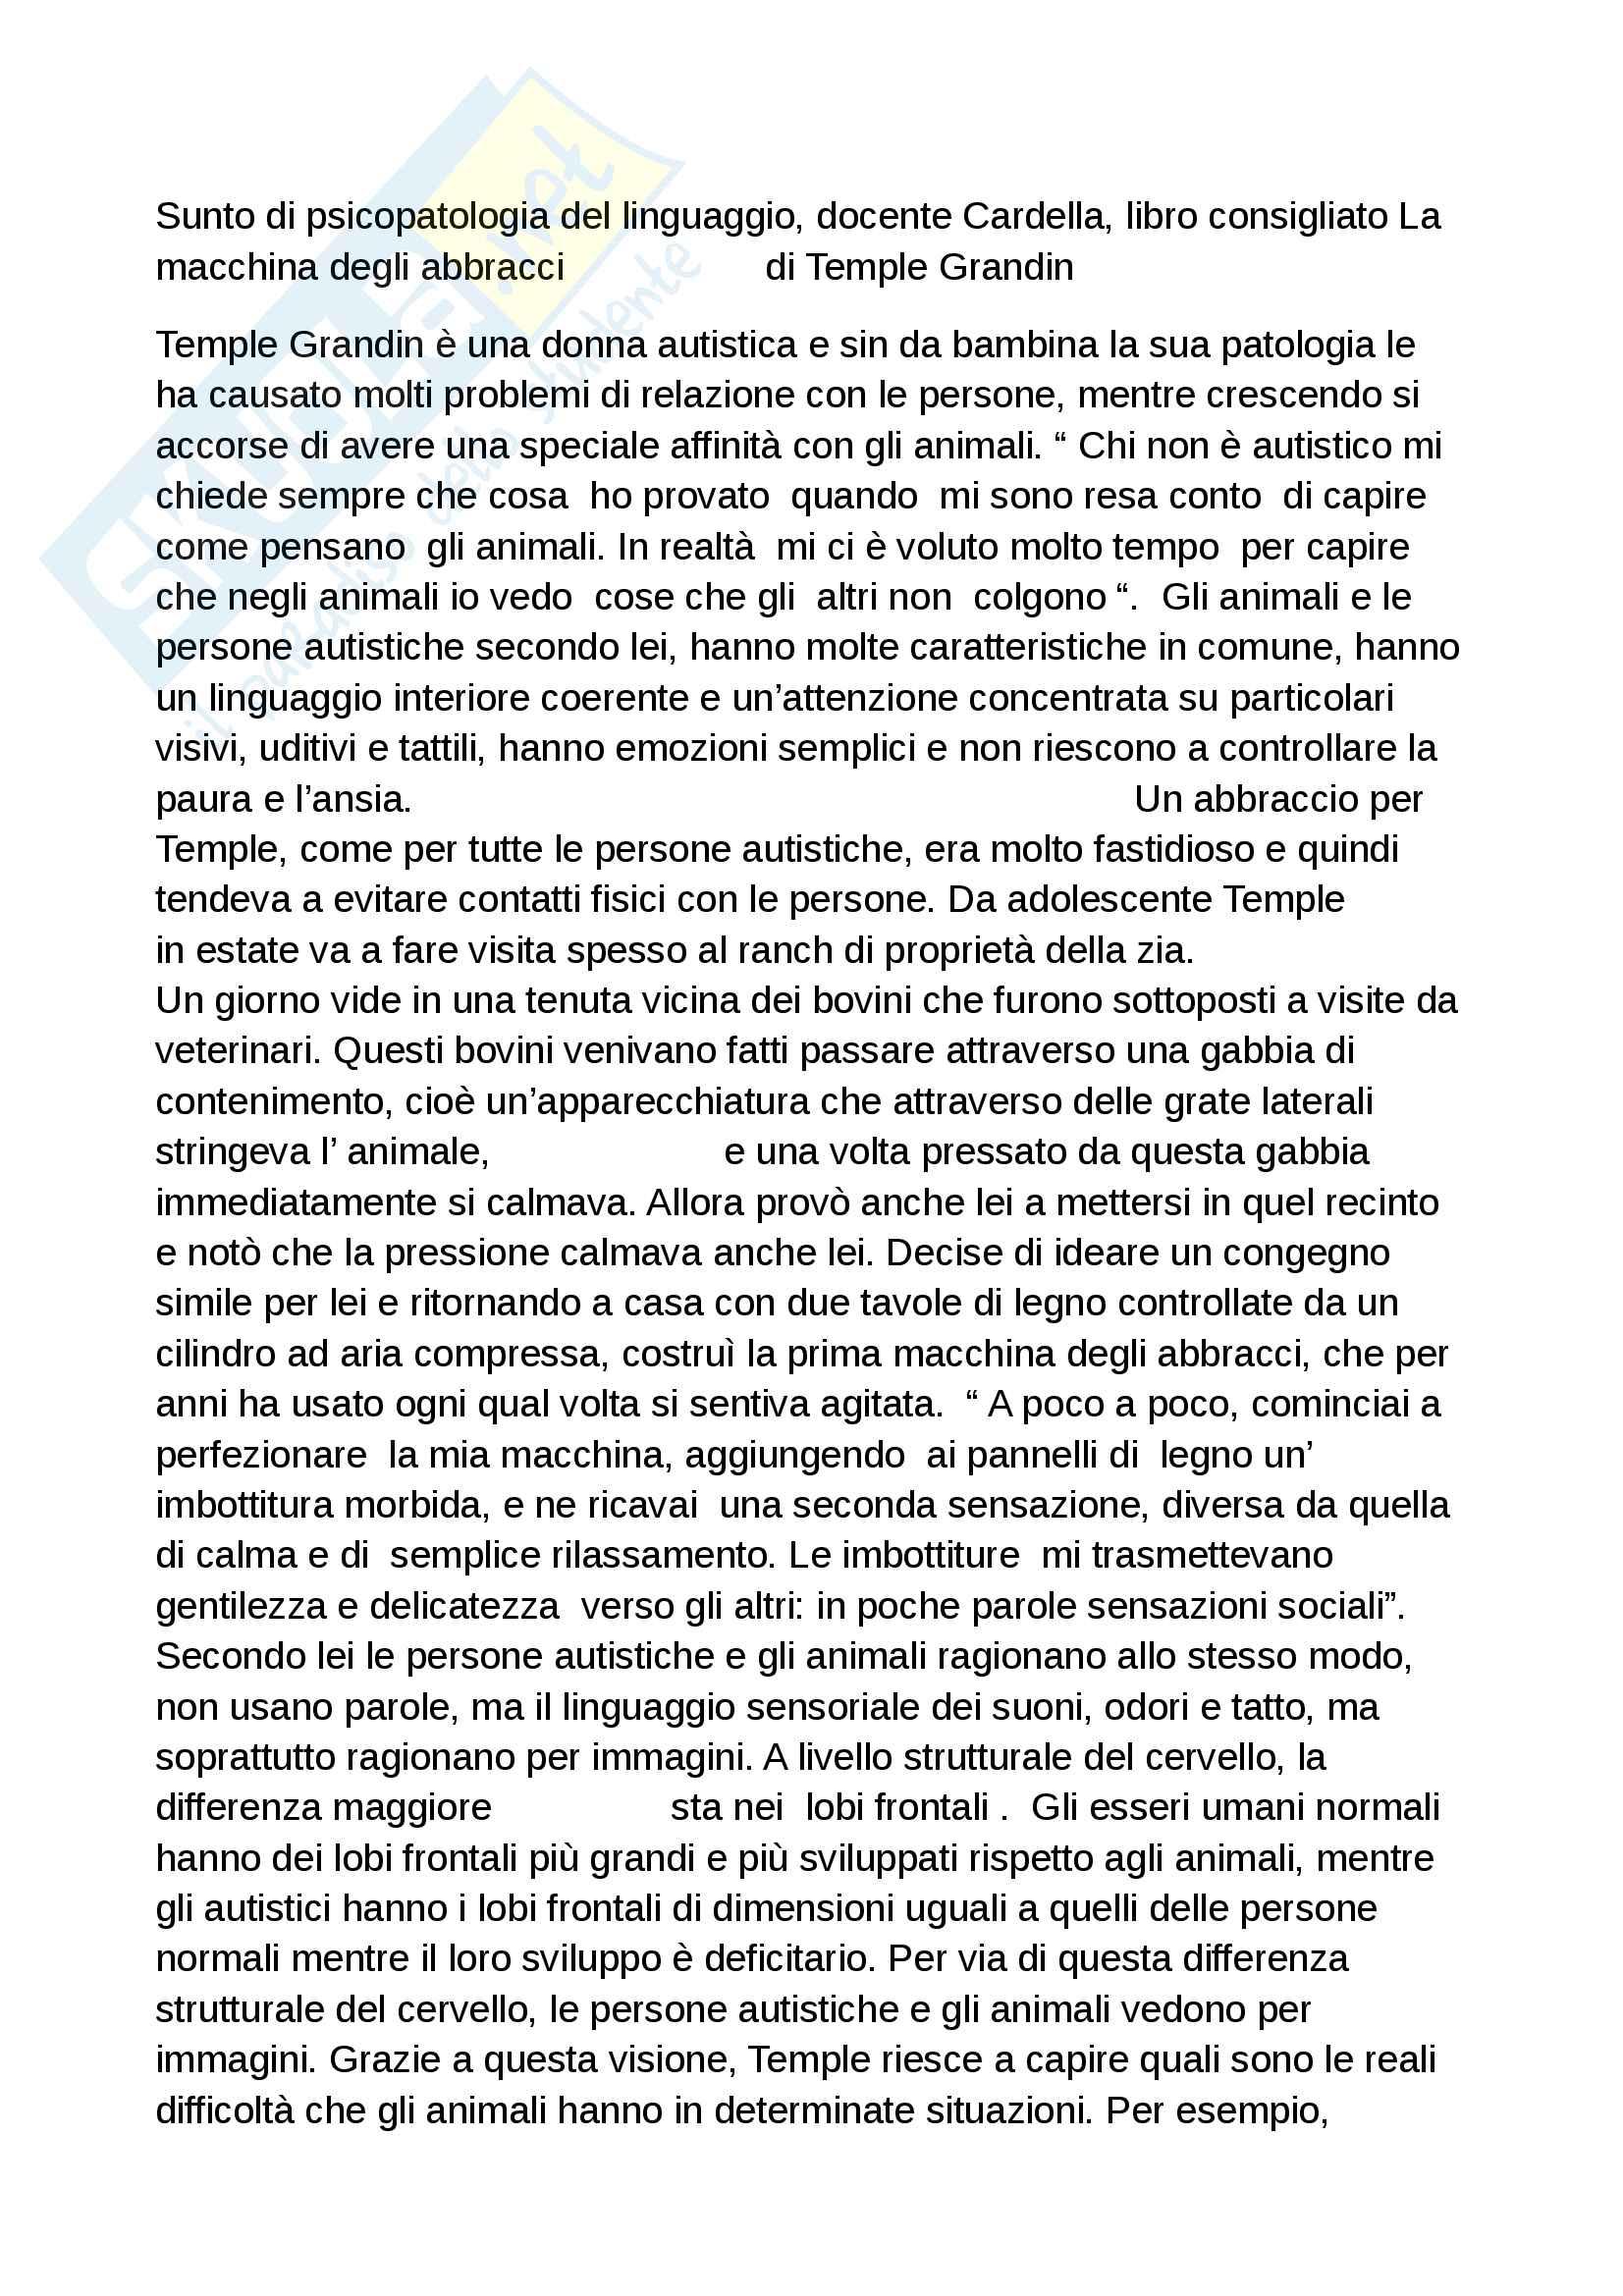 Riassunto esame psicopatologia del linguaggio, docente Cardella, libro consigliato La macchina degli abbracci di Temple Grandin